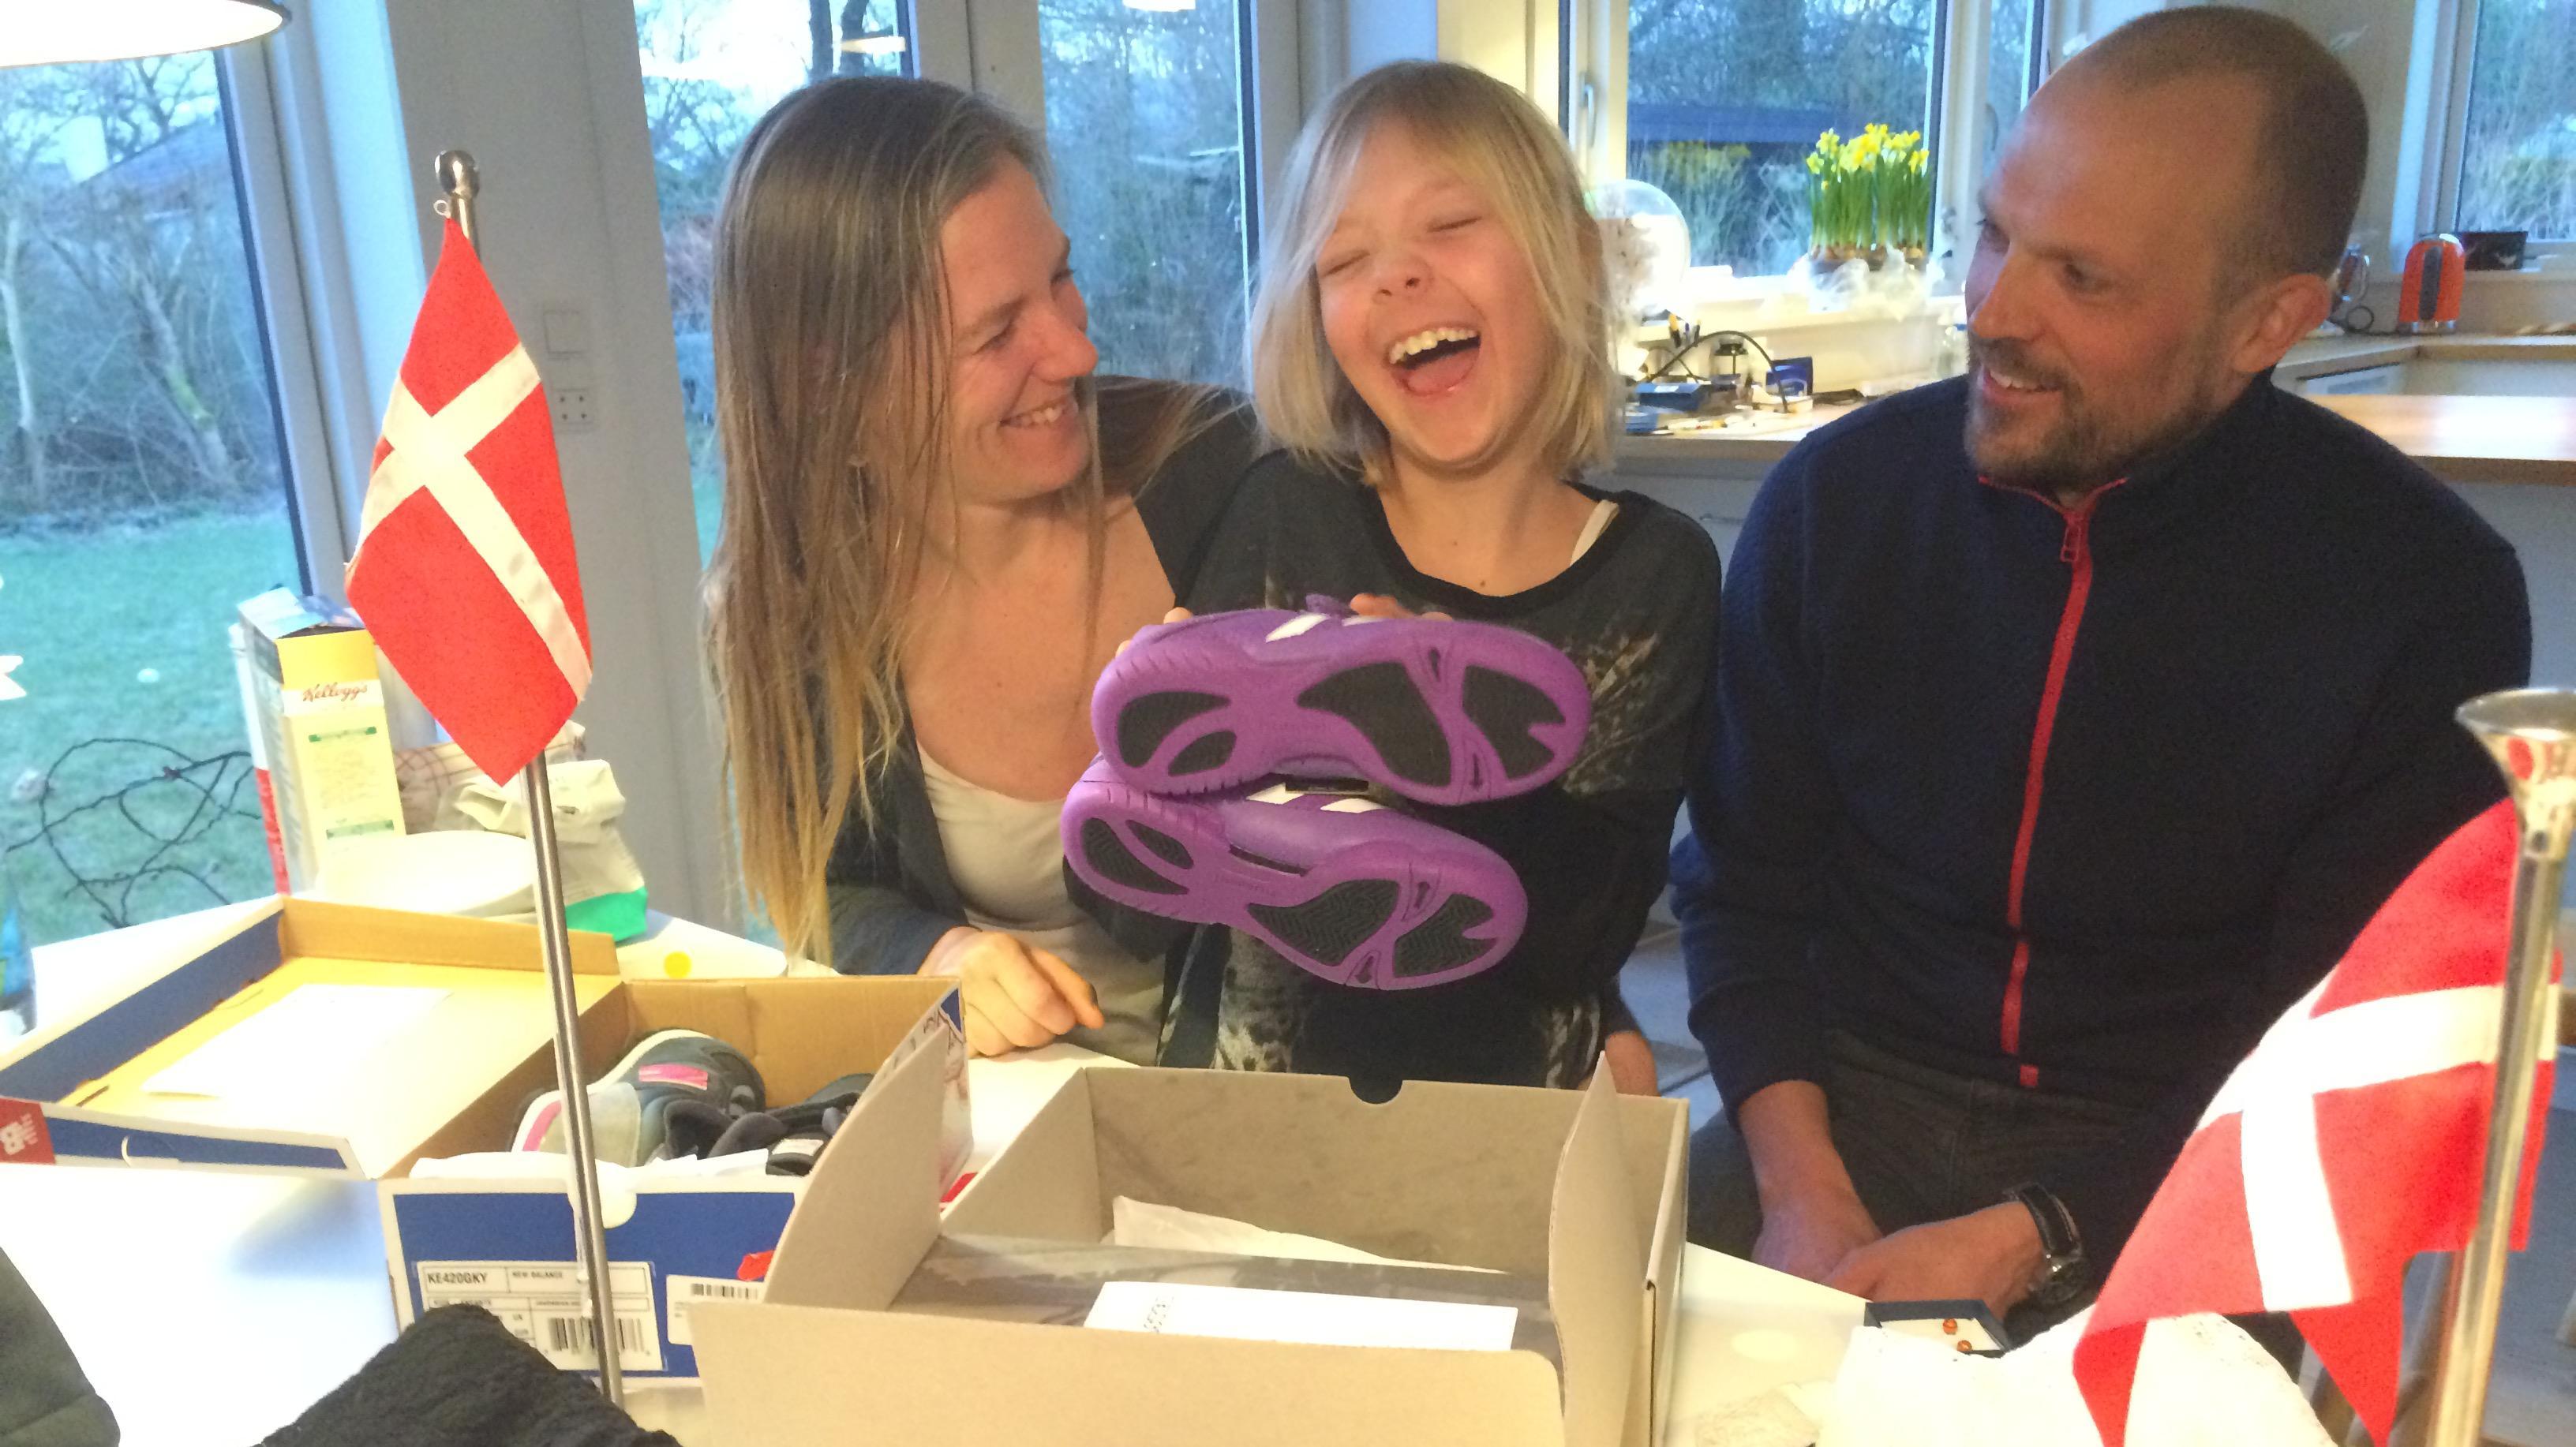 Maja har sin anden fødseldag den 29. februar - og fylder otte!